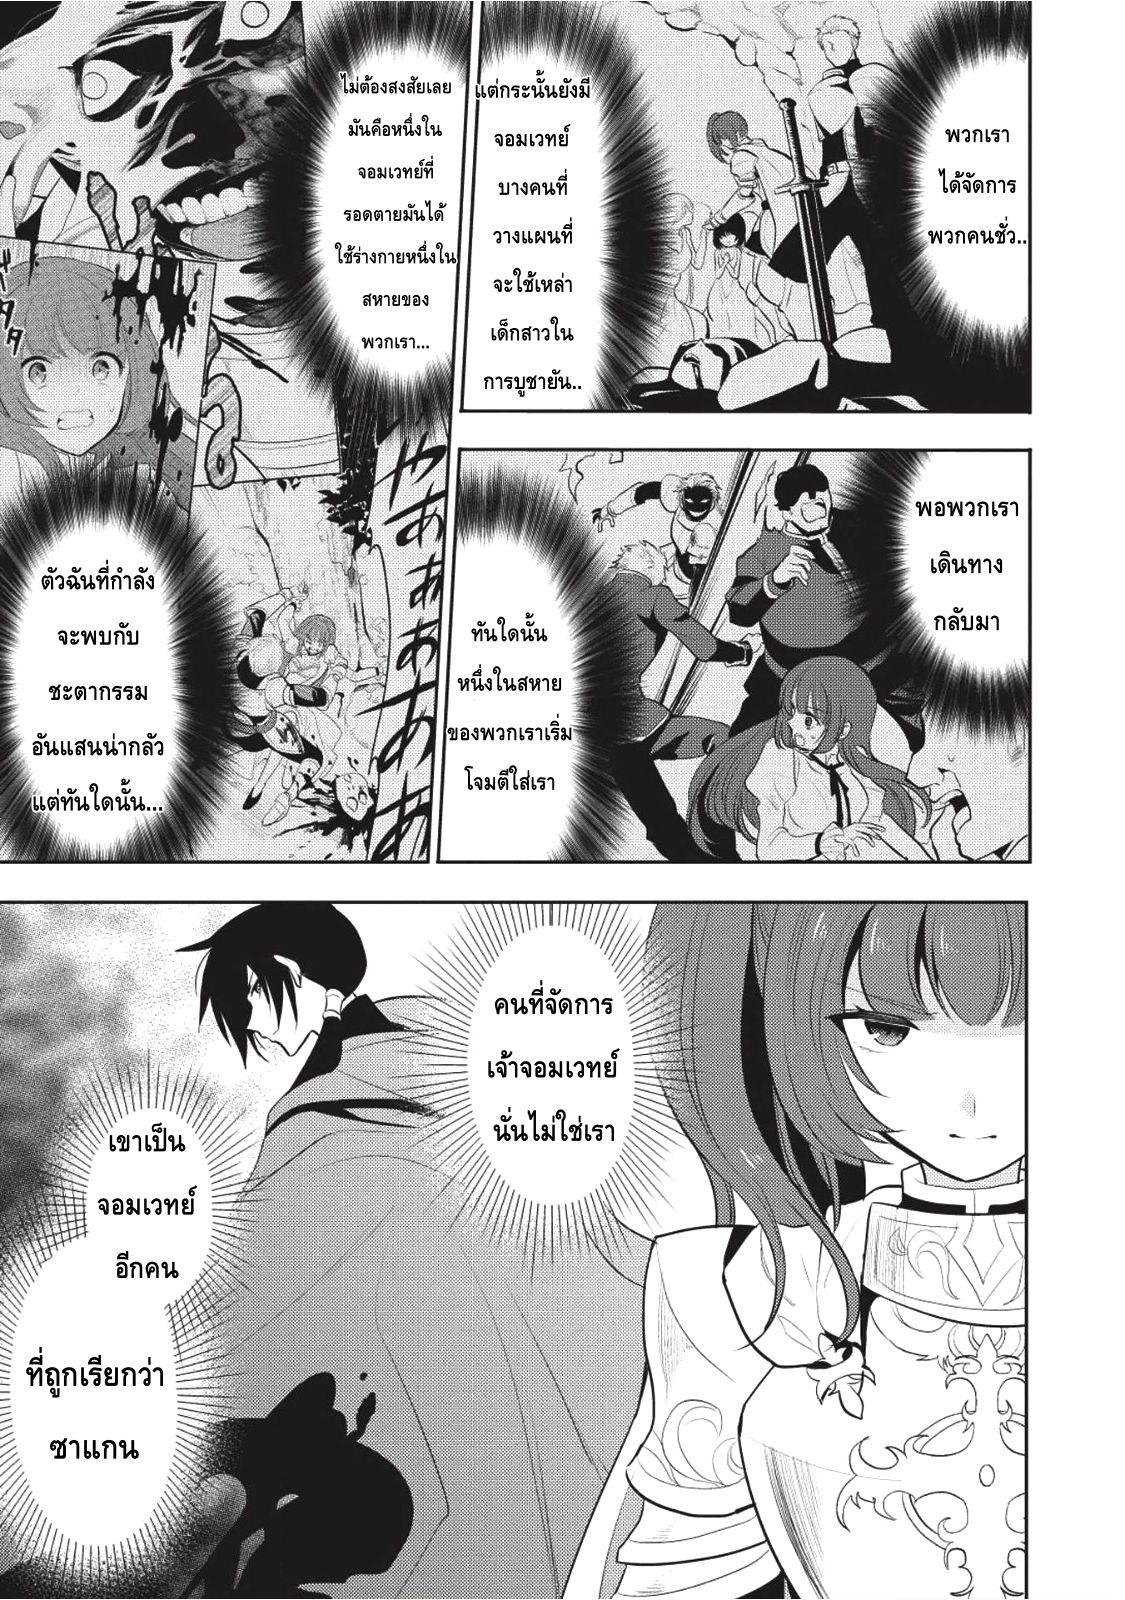 อ่านการ์ตูน Maou no Ore ga Dorei Elf wo Yome ni Shitanda ga Dou Medereba Ii ตอนที่ 4 หน้าที่ 35